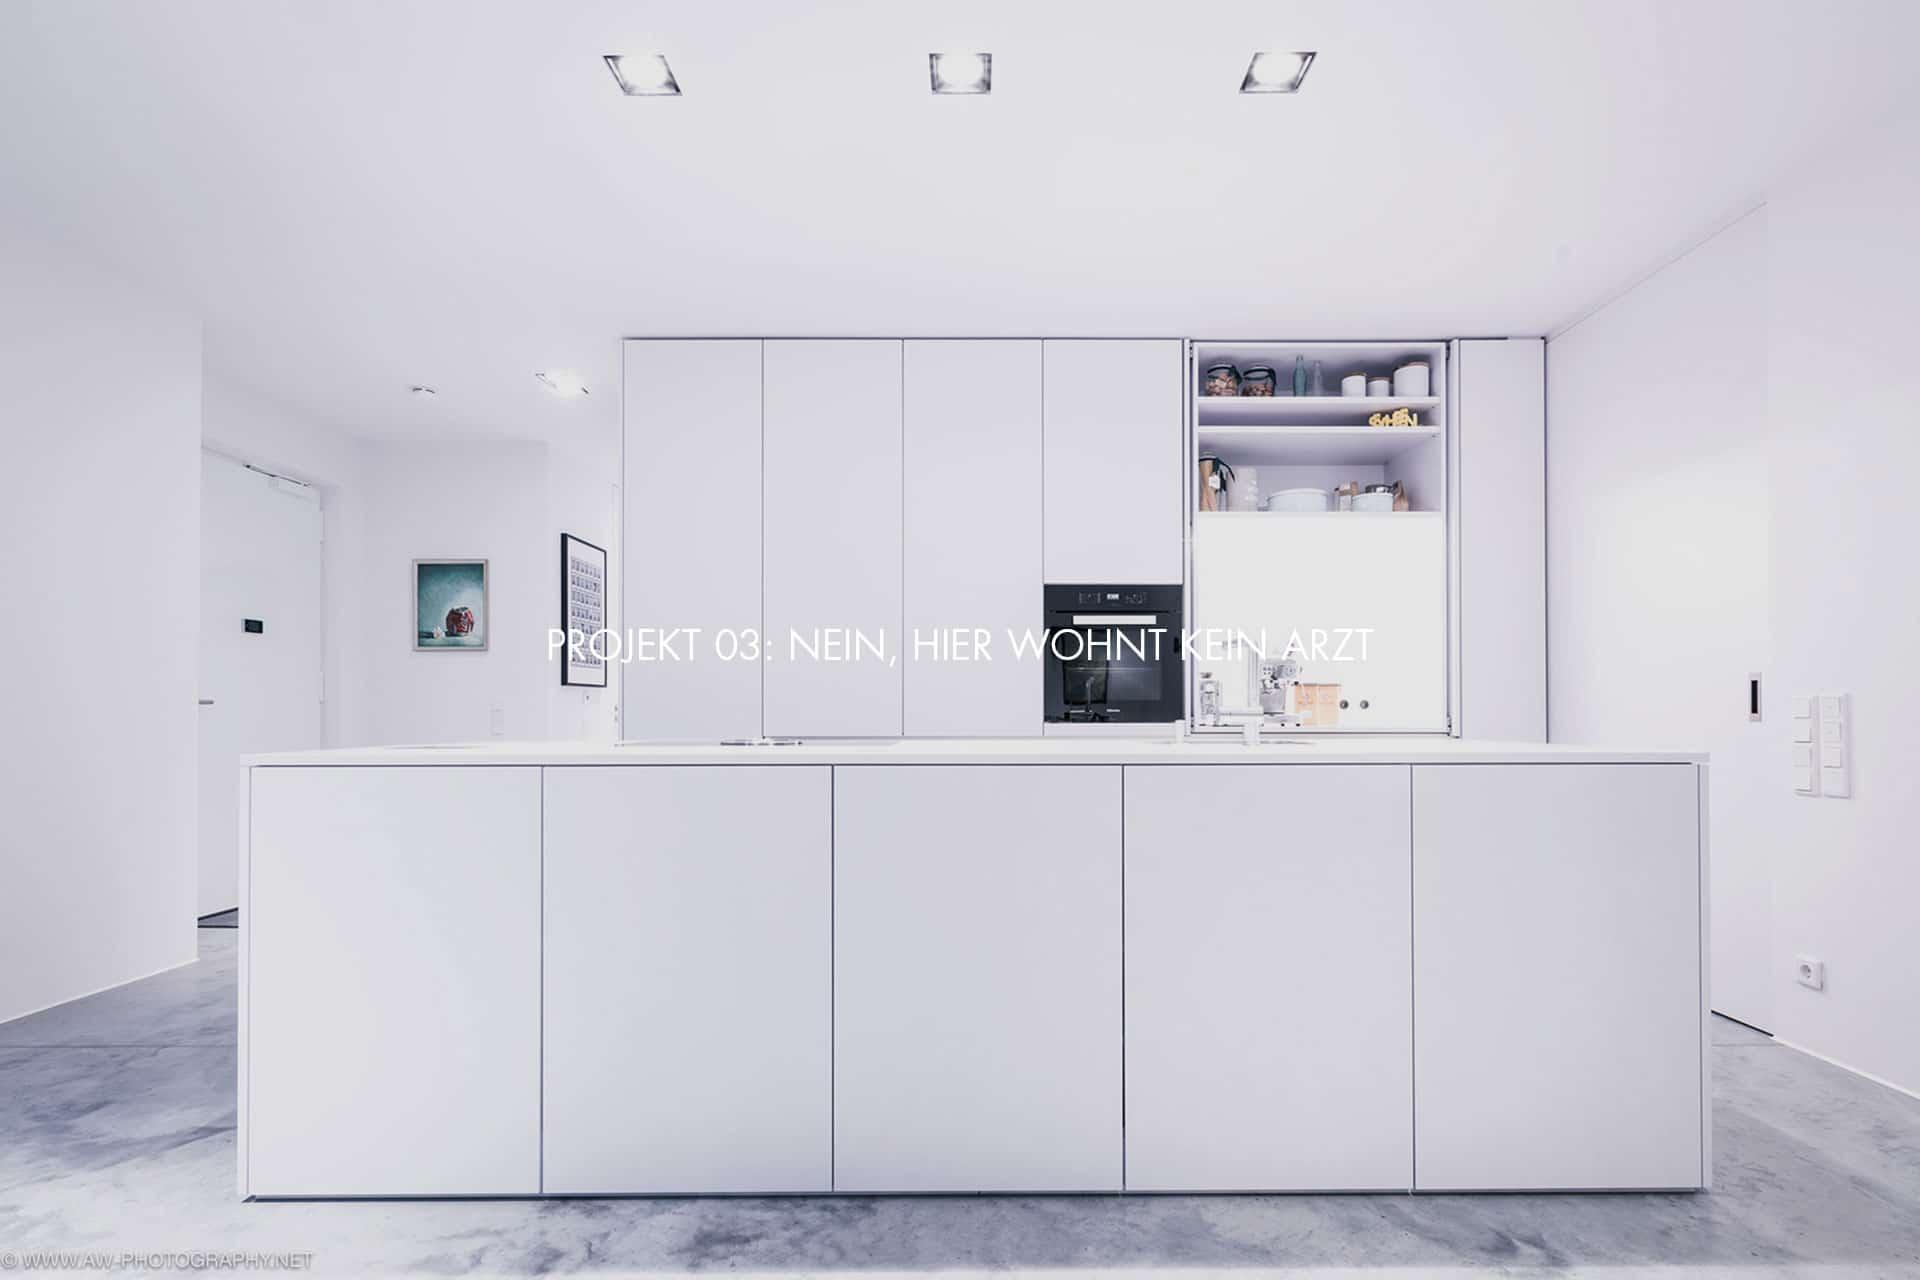 """Innenausbau Penthousewohnung von VOIT in Schlichtstoff weiß und Stahl geschwärzt + Schriftzug im Bild """"Projekt 03: NEIN, HIER WOHNT KEIN ARZT"""""""